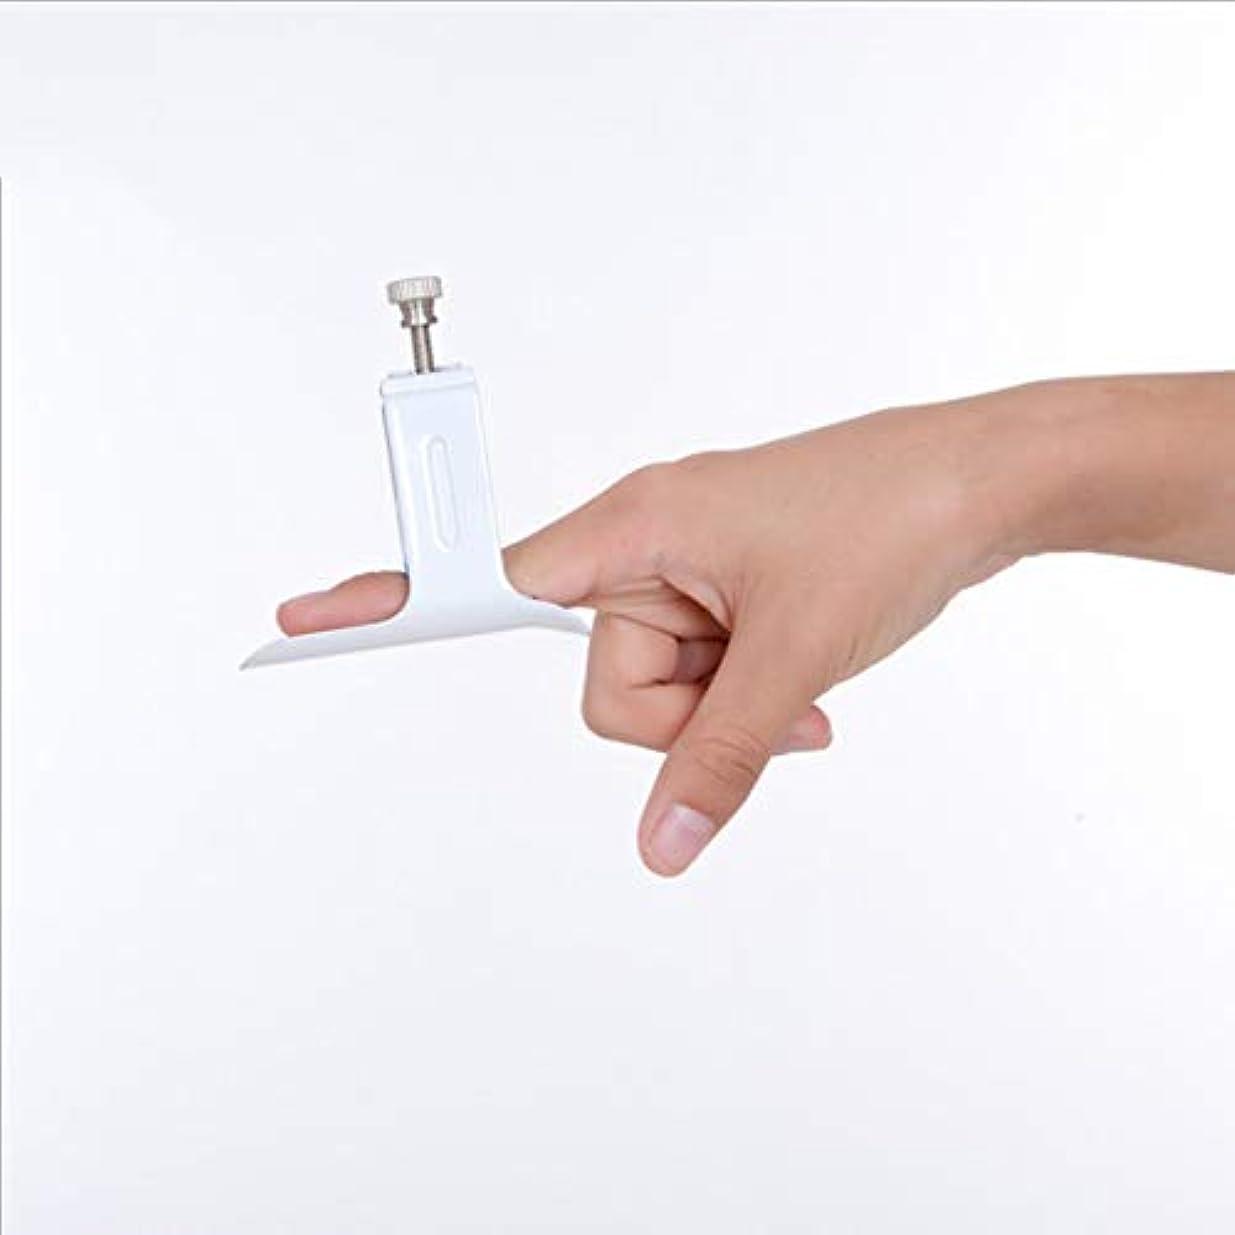 買収母戦艦指の延長副木、手指の傷害のホールダーの副木矯正器指の拡張指の固定固定されたリハビリテーションの苦痛救助用具の援助